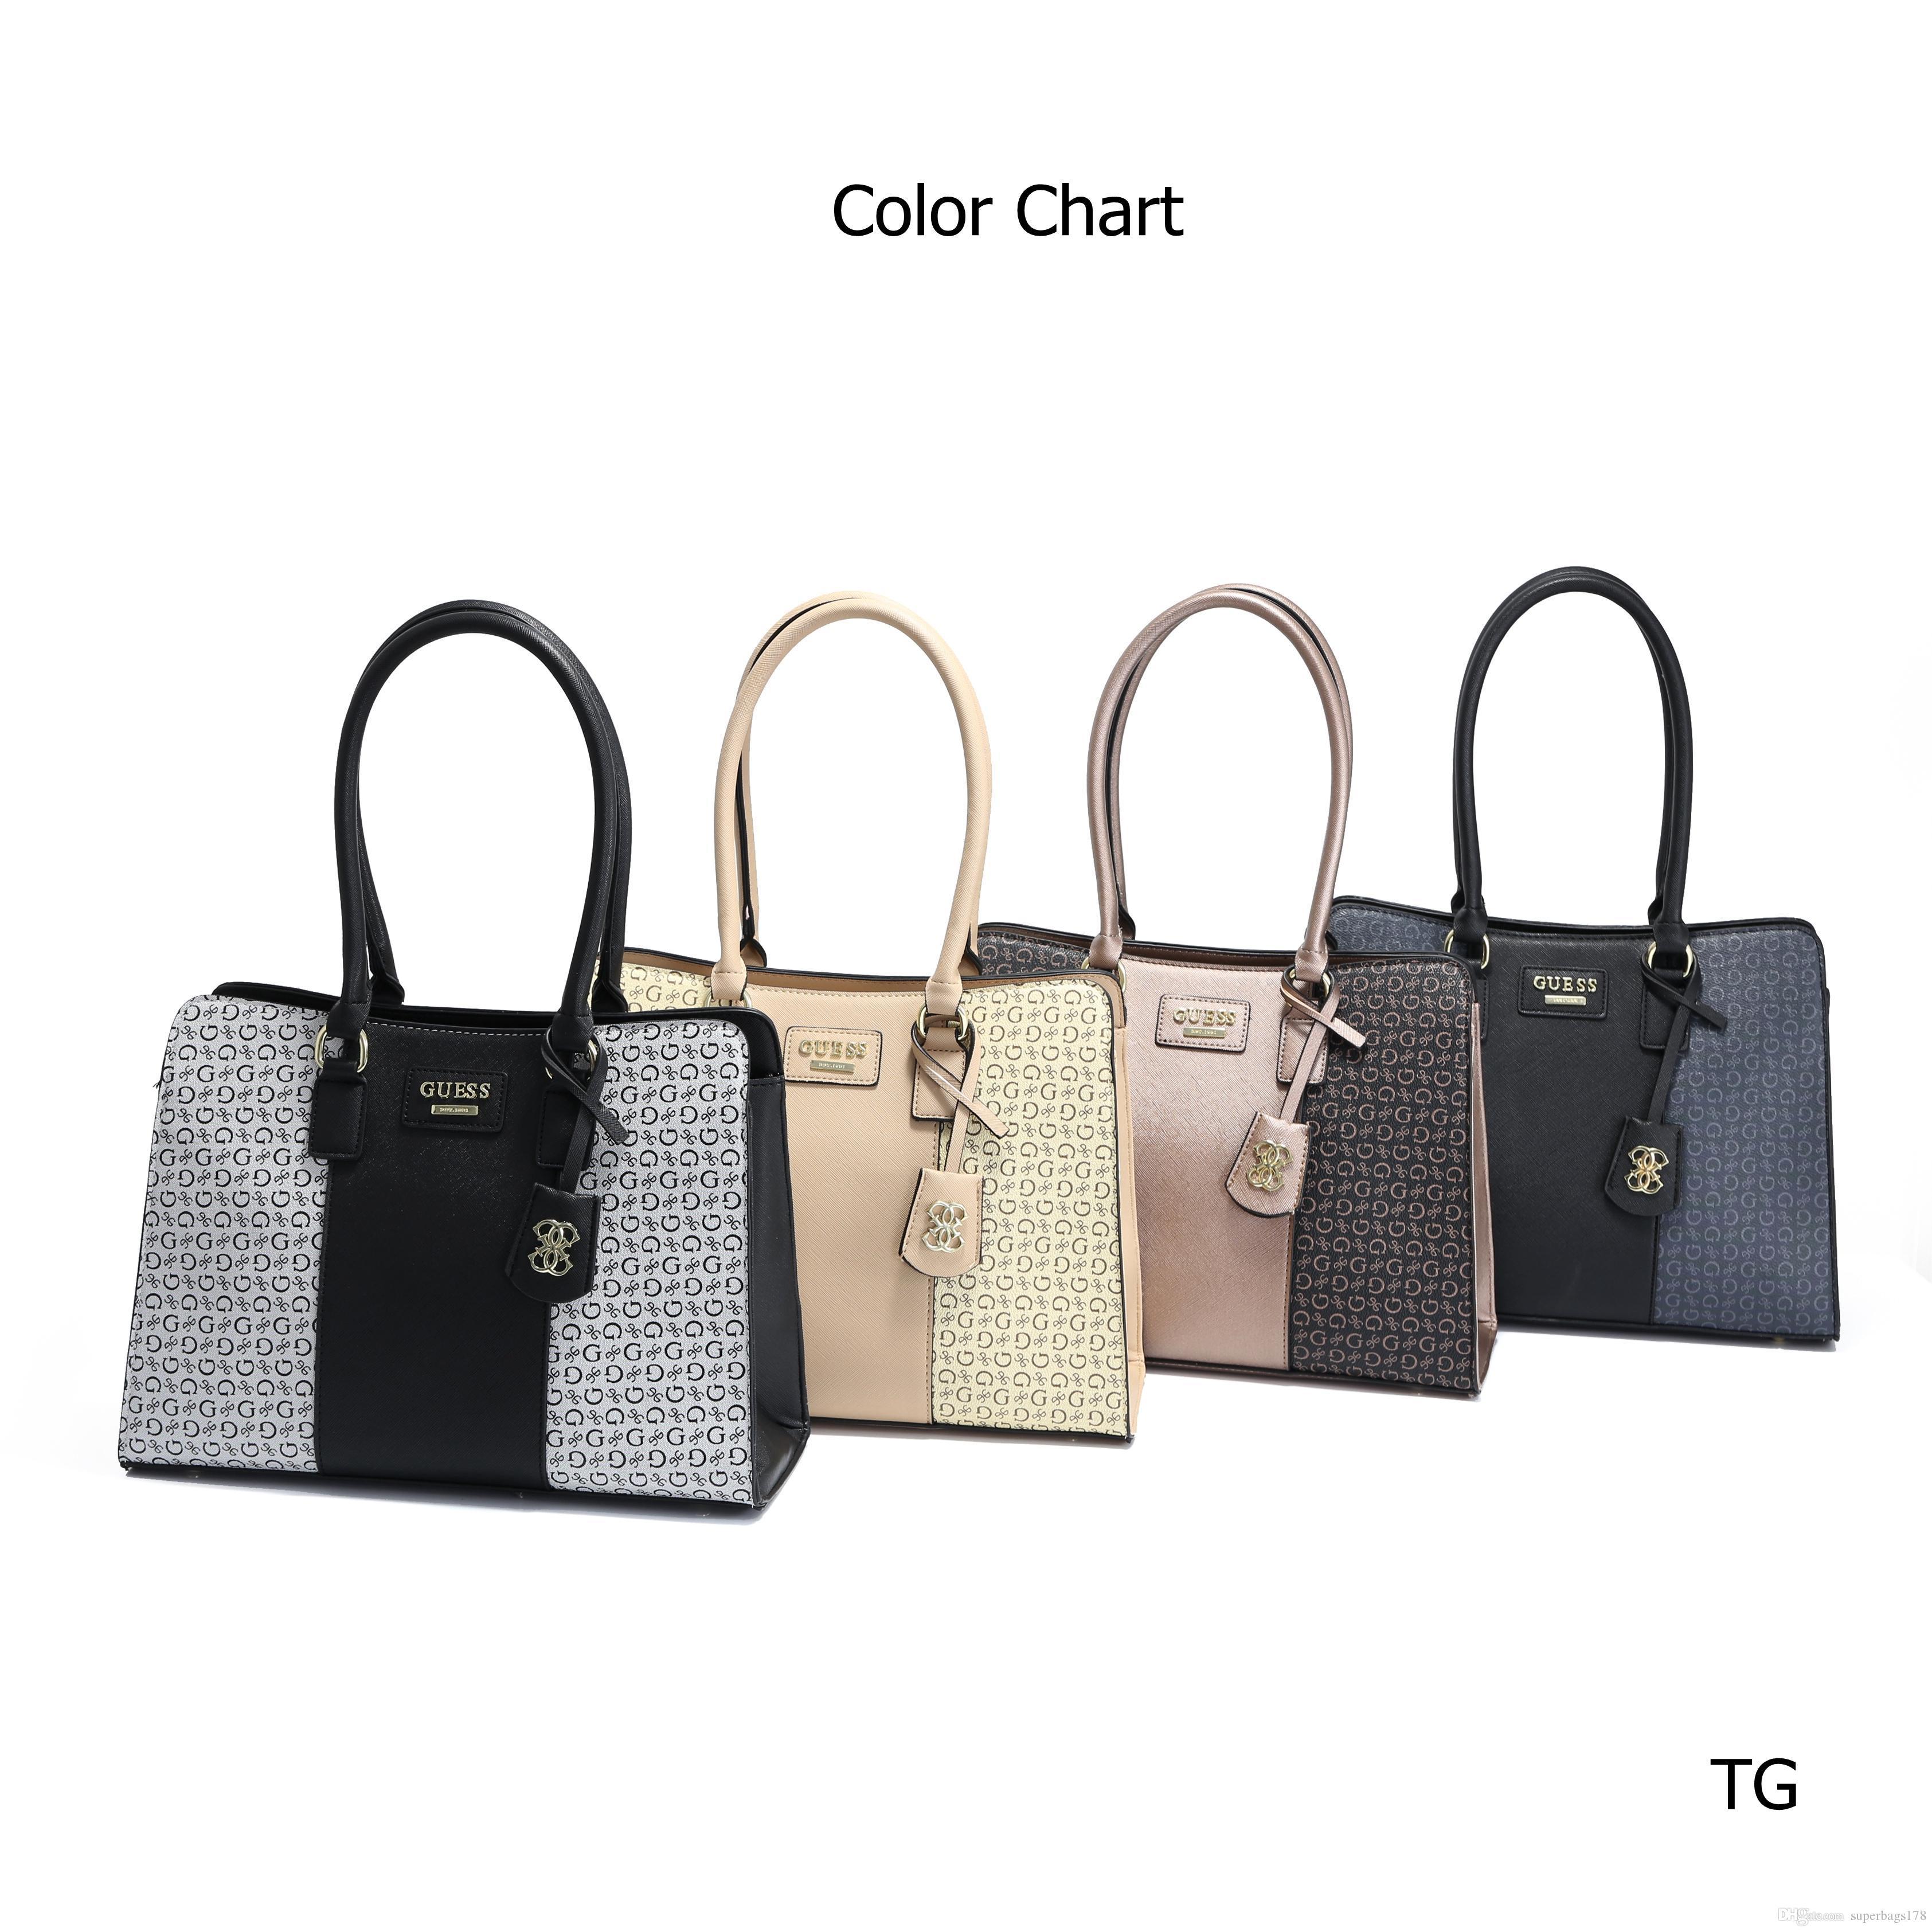 BBB TG 9916 Meilleur prix élevé des femmes de qualité dames sac à main unique portefeuille de bourse de sac à dos d'épaule